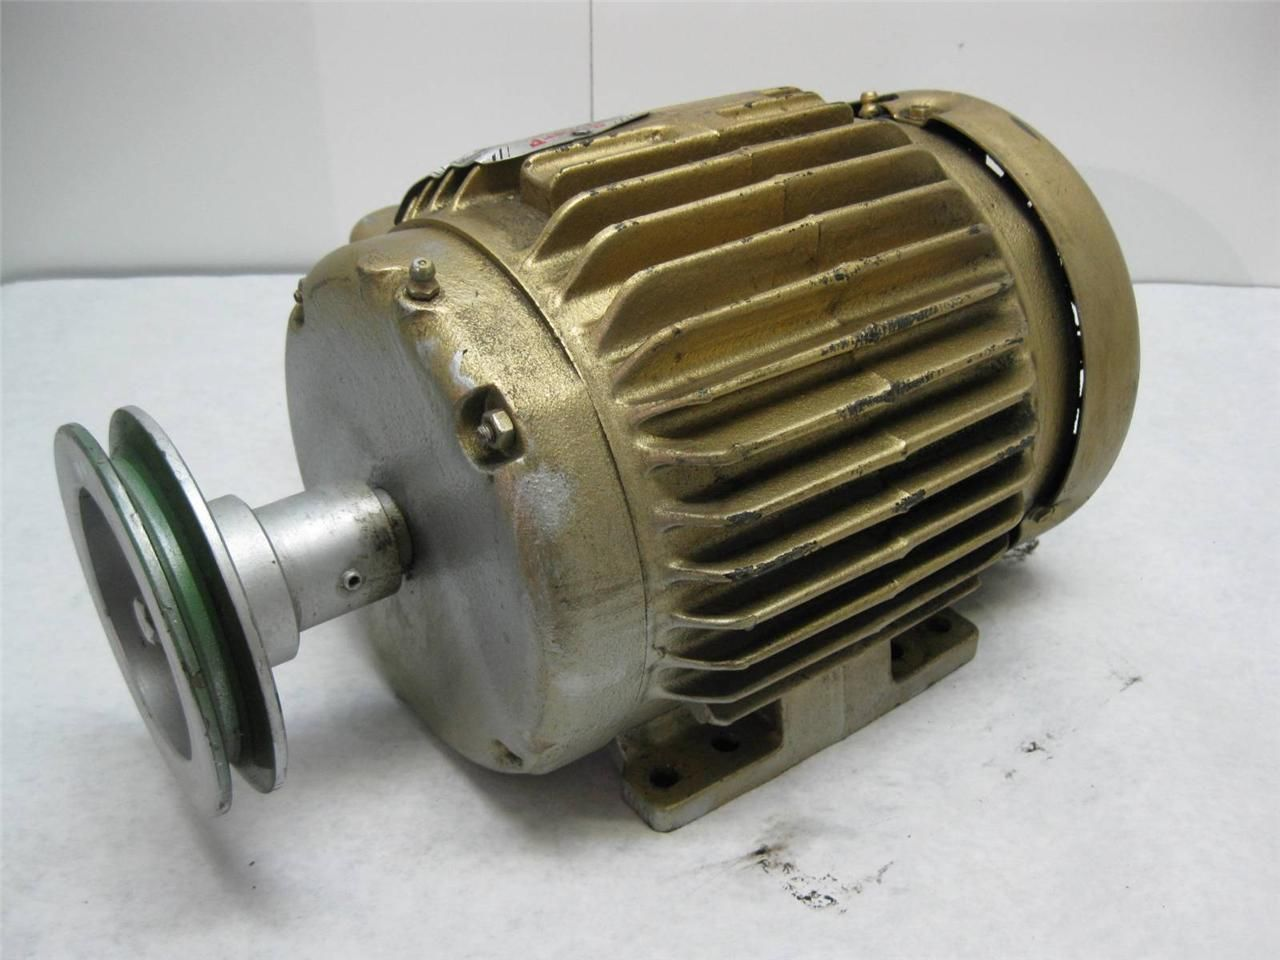 Baldor Em3581t Super E 1hp Electric Motor 230 460 Vac 3 Phase 1750 Rpm 143t Ebay